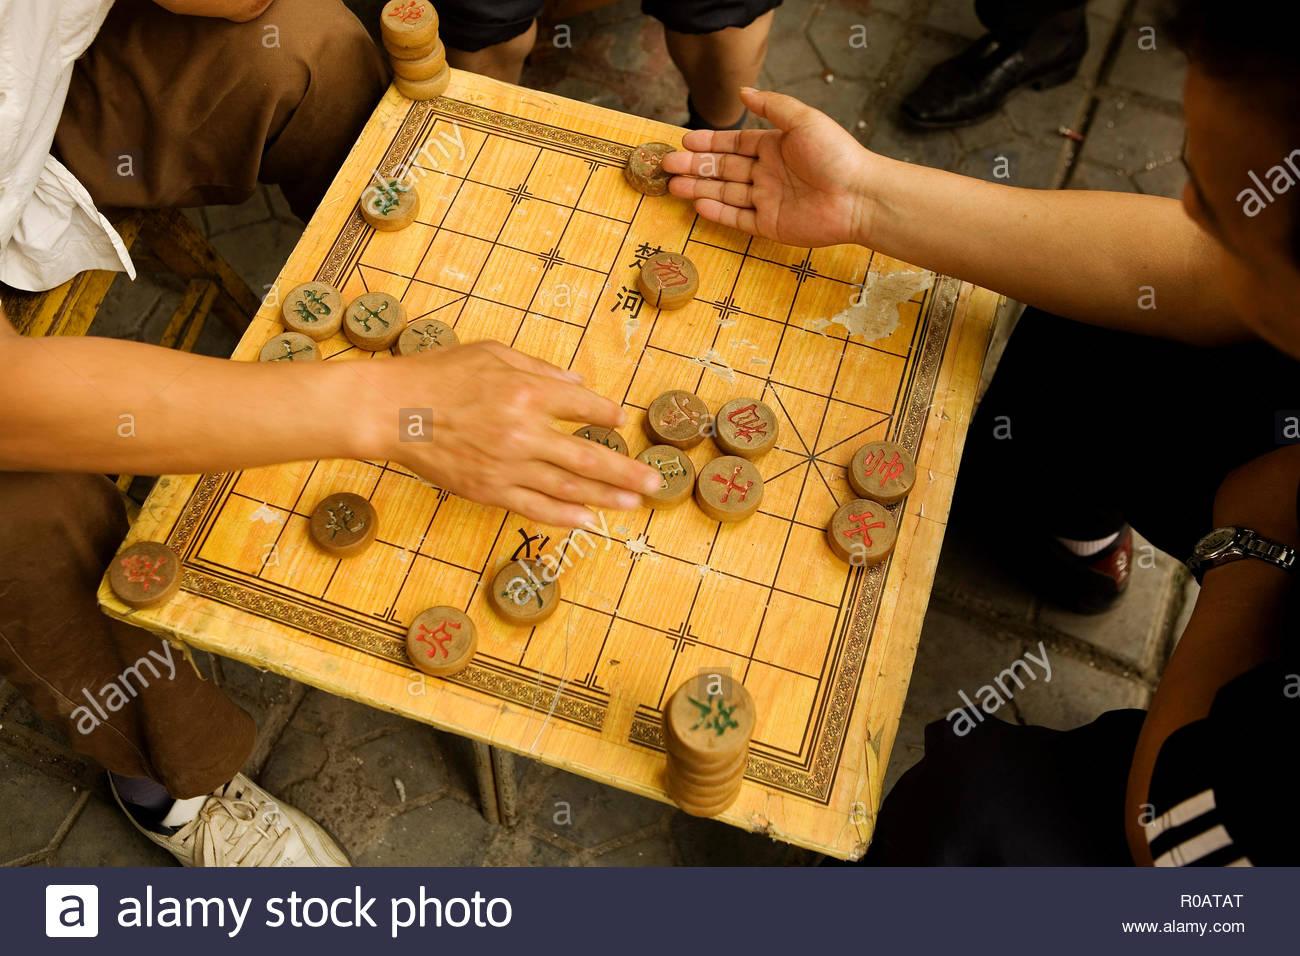 Men Playing Xiangqi in Park, Beijing, China - Stock Image